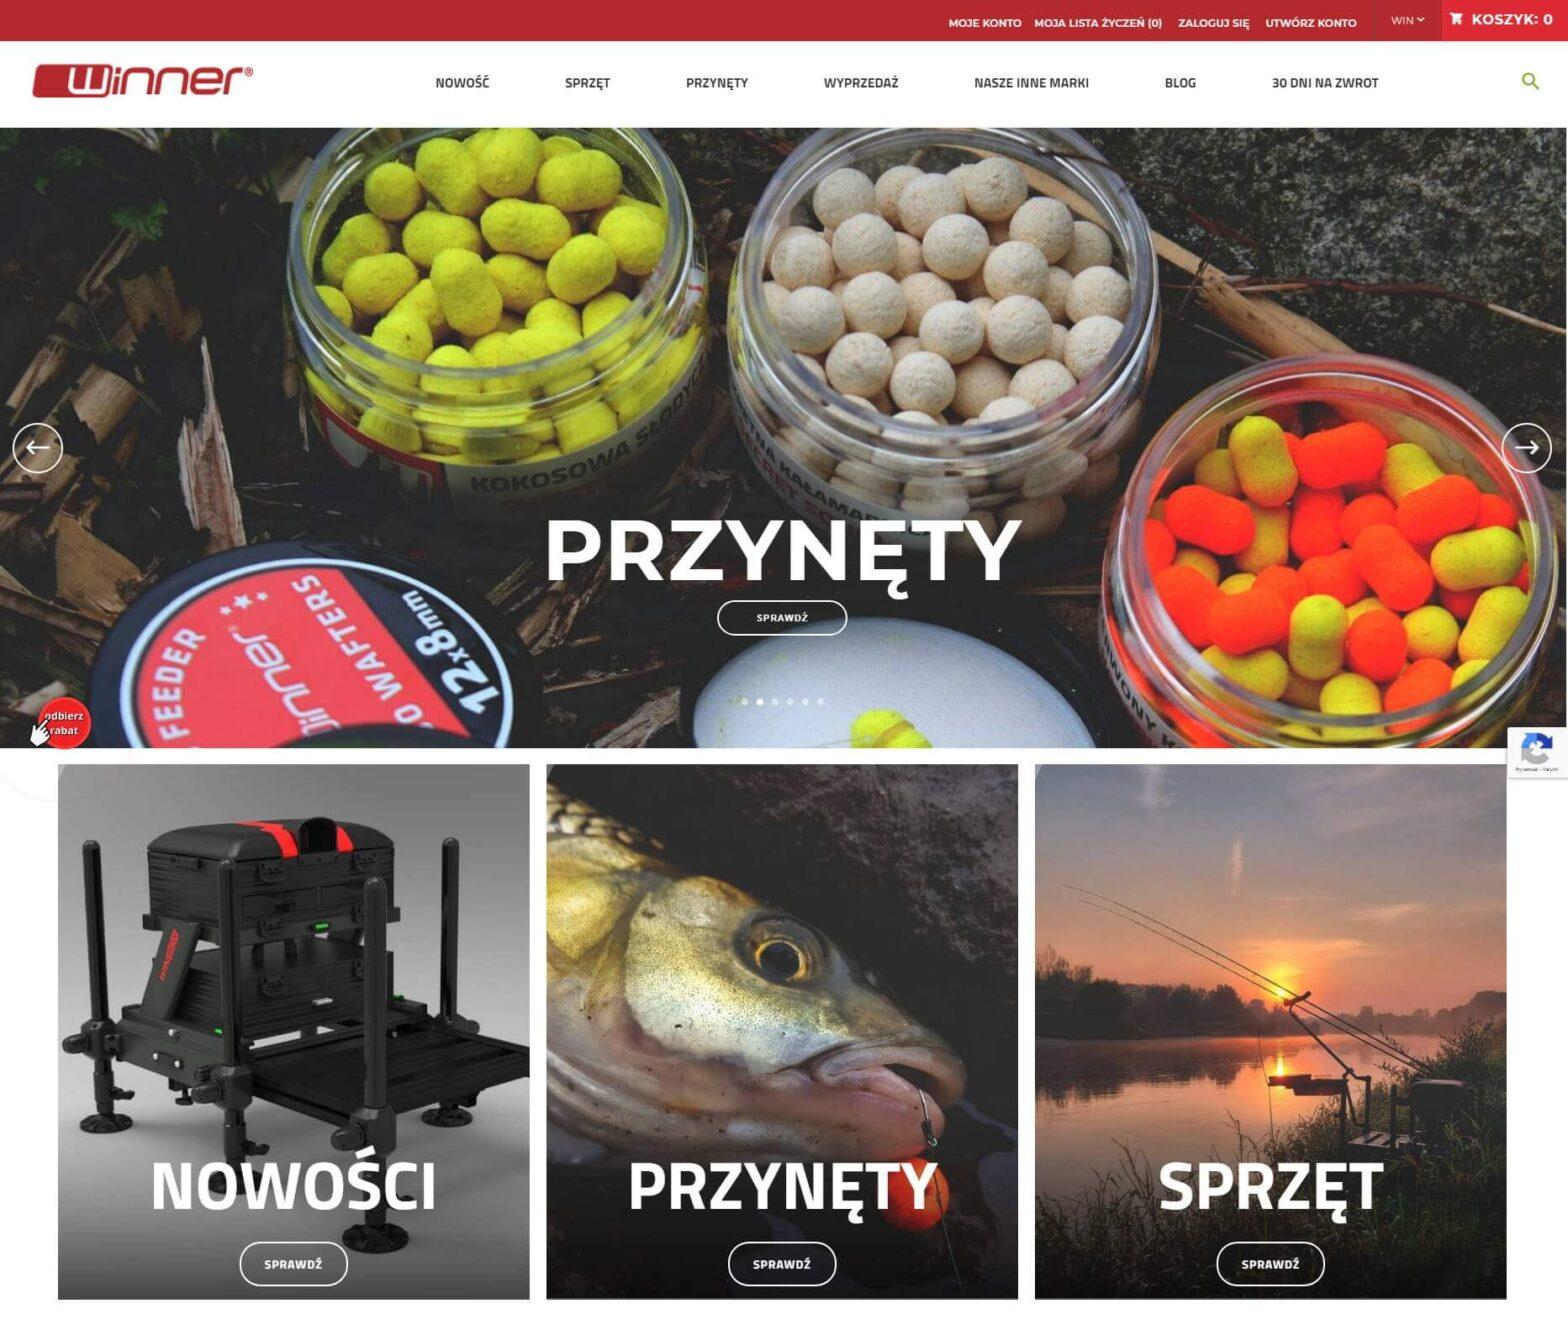 winnerfishing.com - Sklep online z sprzętem wędkarskim